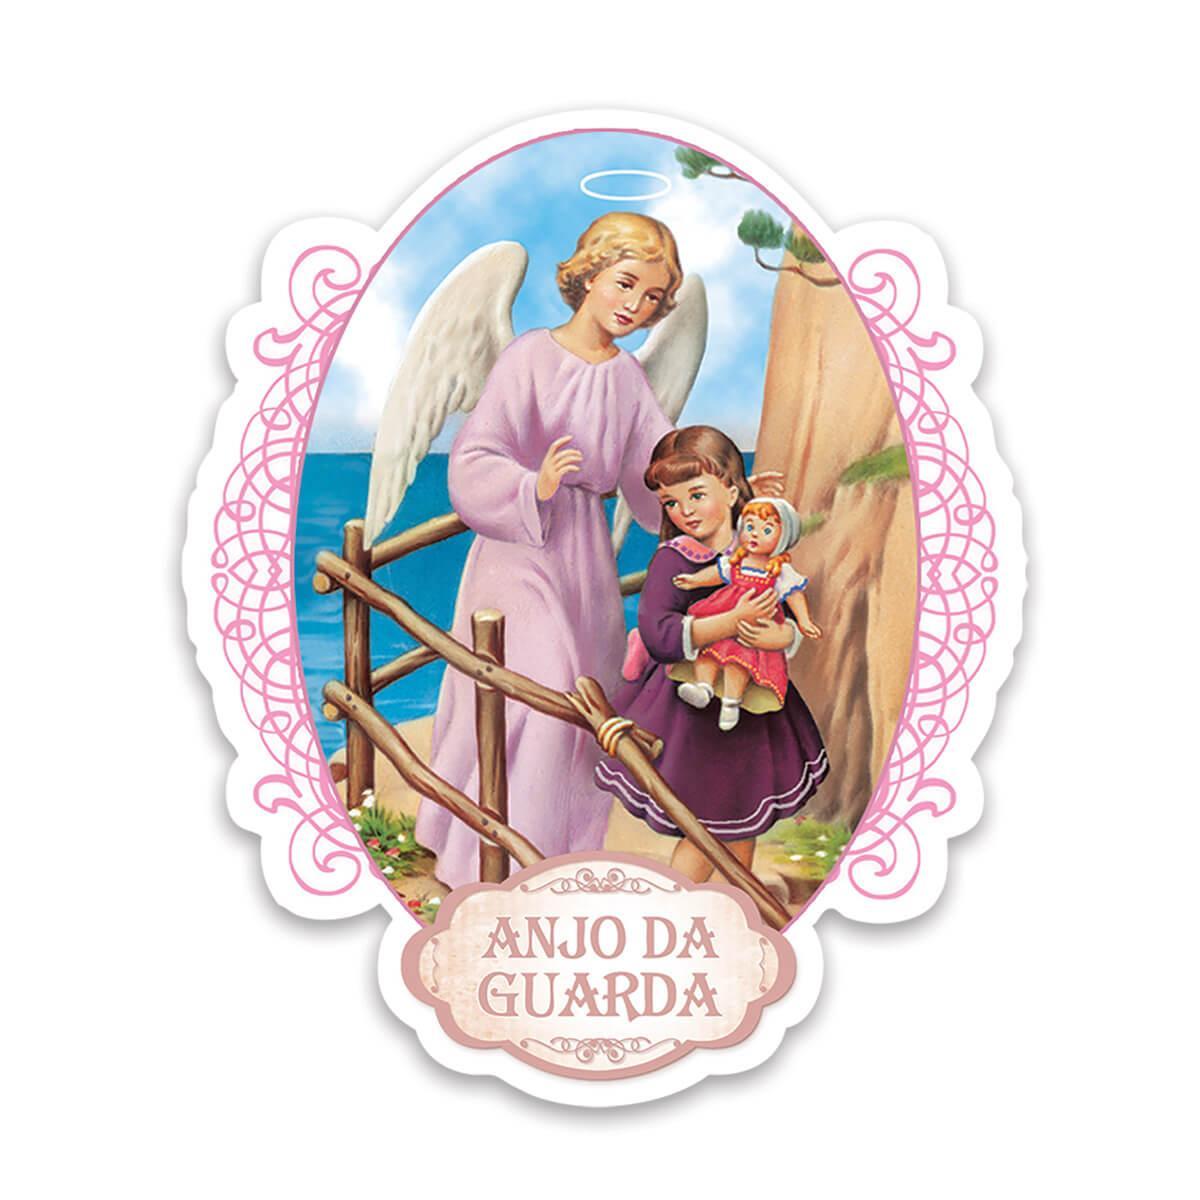 Anjo da Guarda : Gift Sticker Catolico Catolica Religioso Guardian Angel